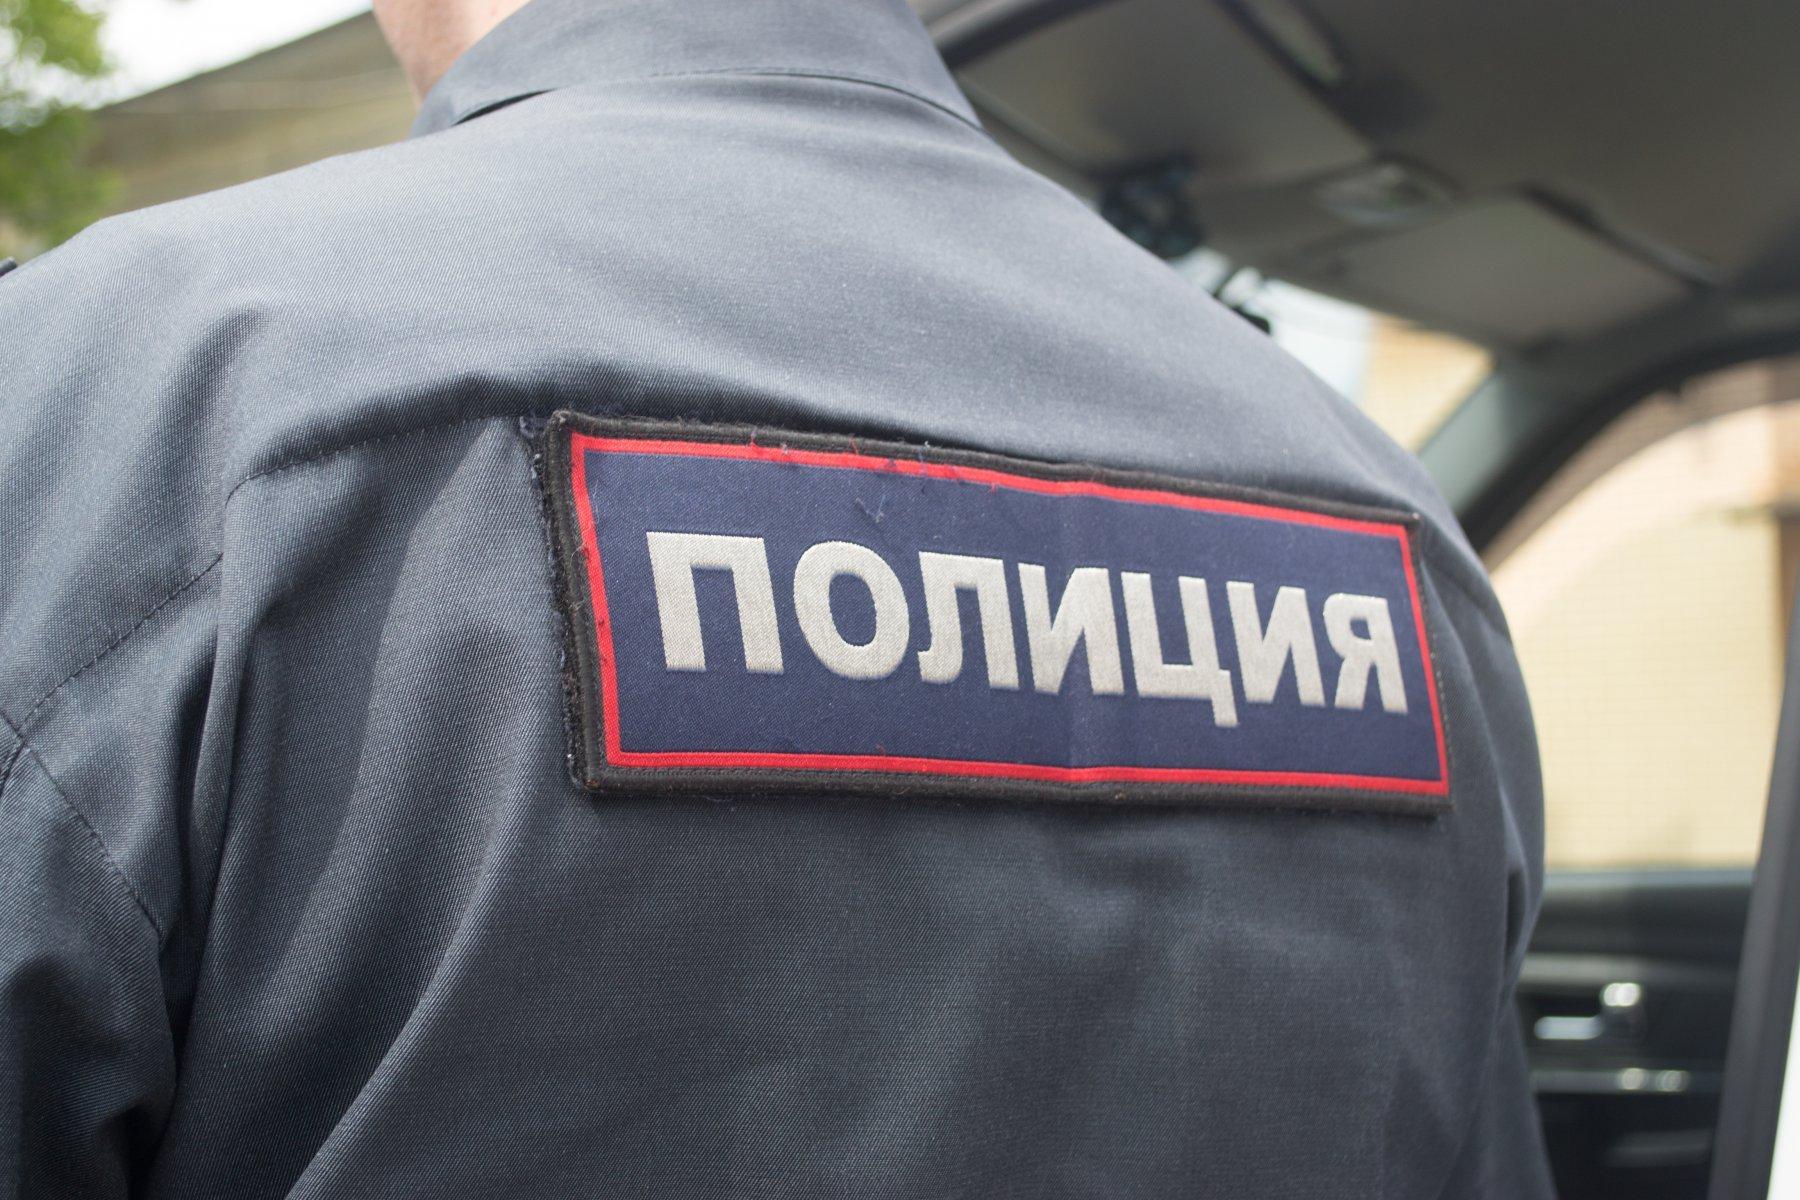 14-летний подросток из Подмосковья погиб после ссоры с матерью